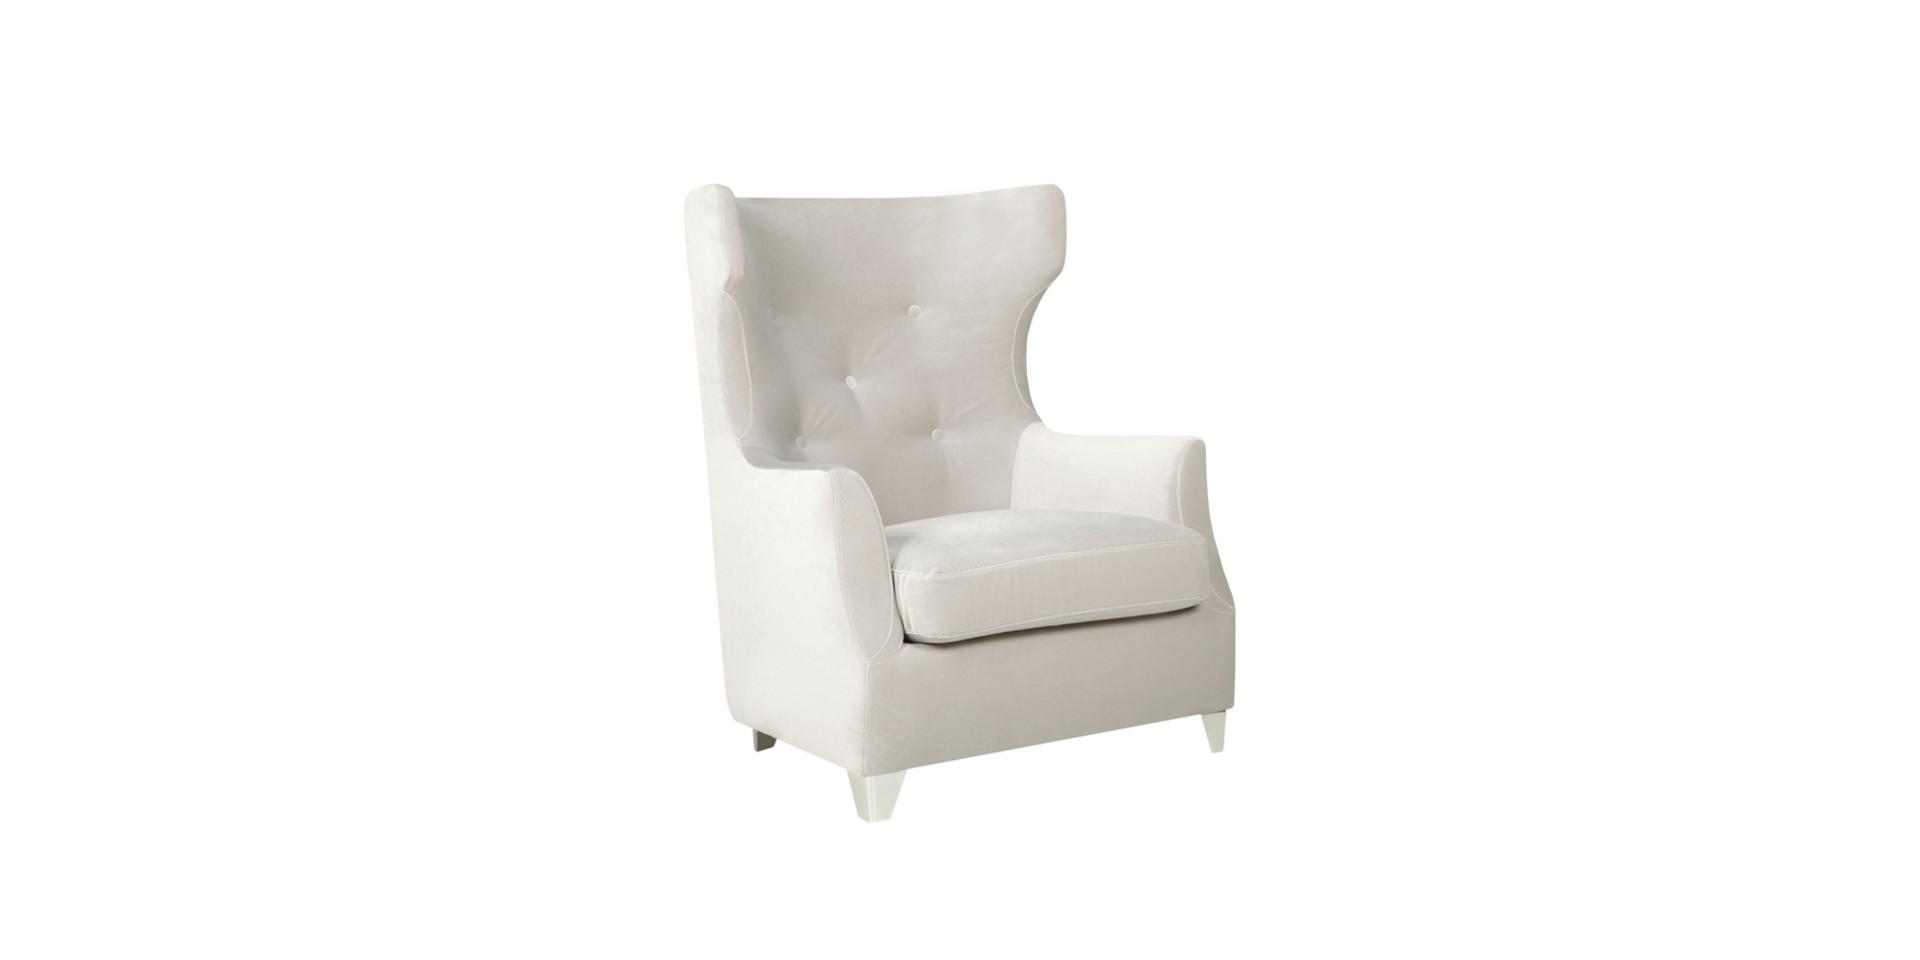 ROSE_armchair_high_classic_velvet4_light_grey_2